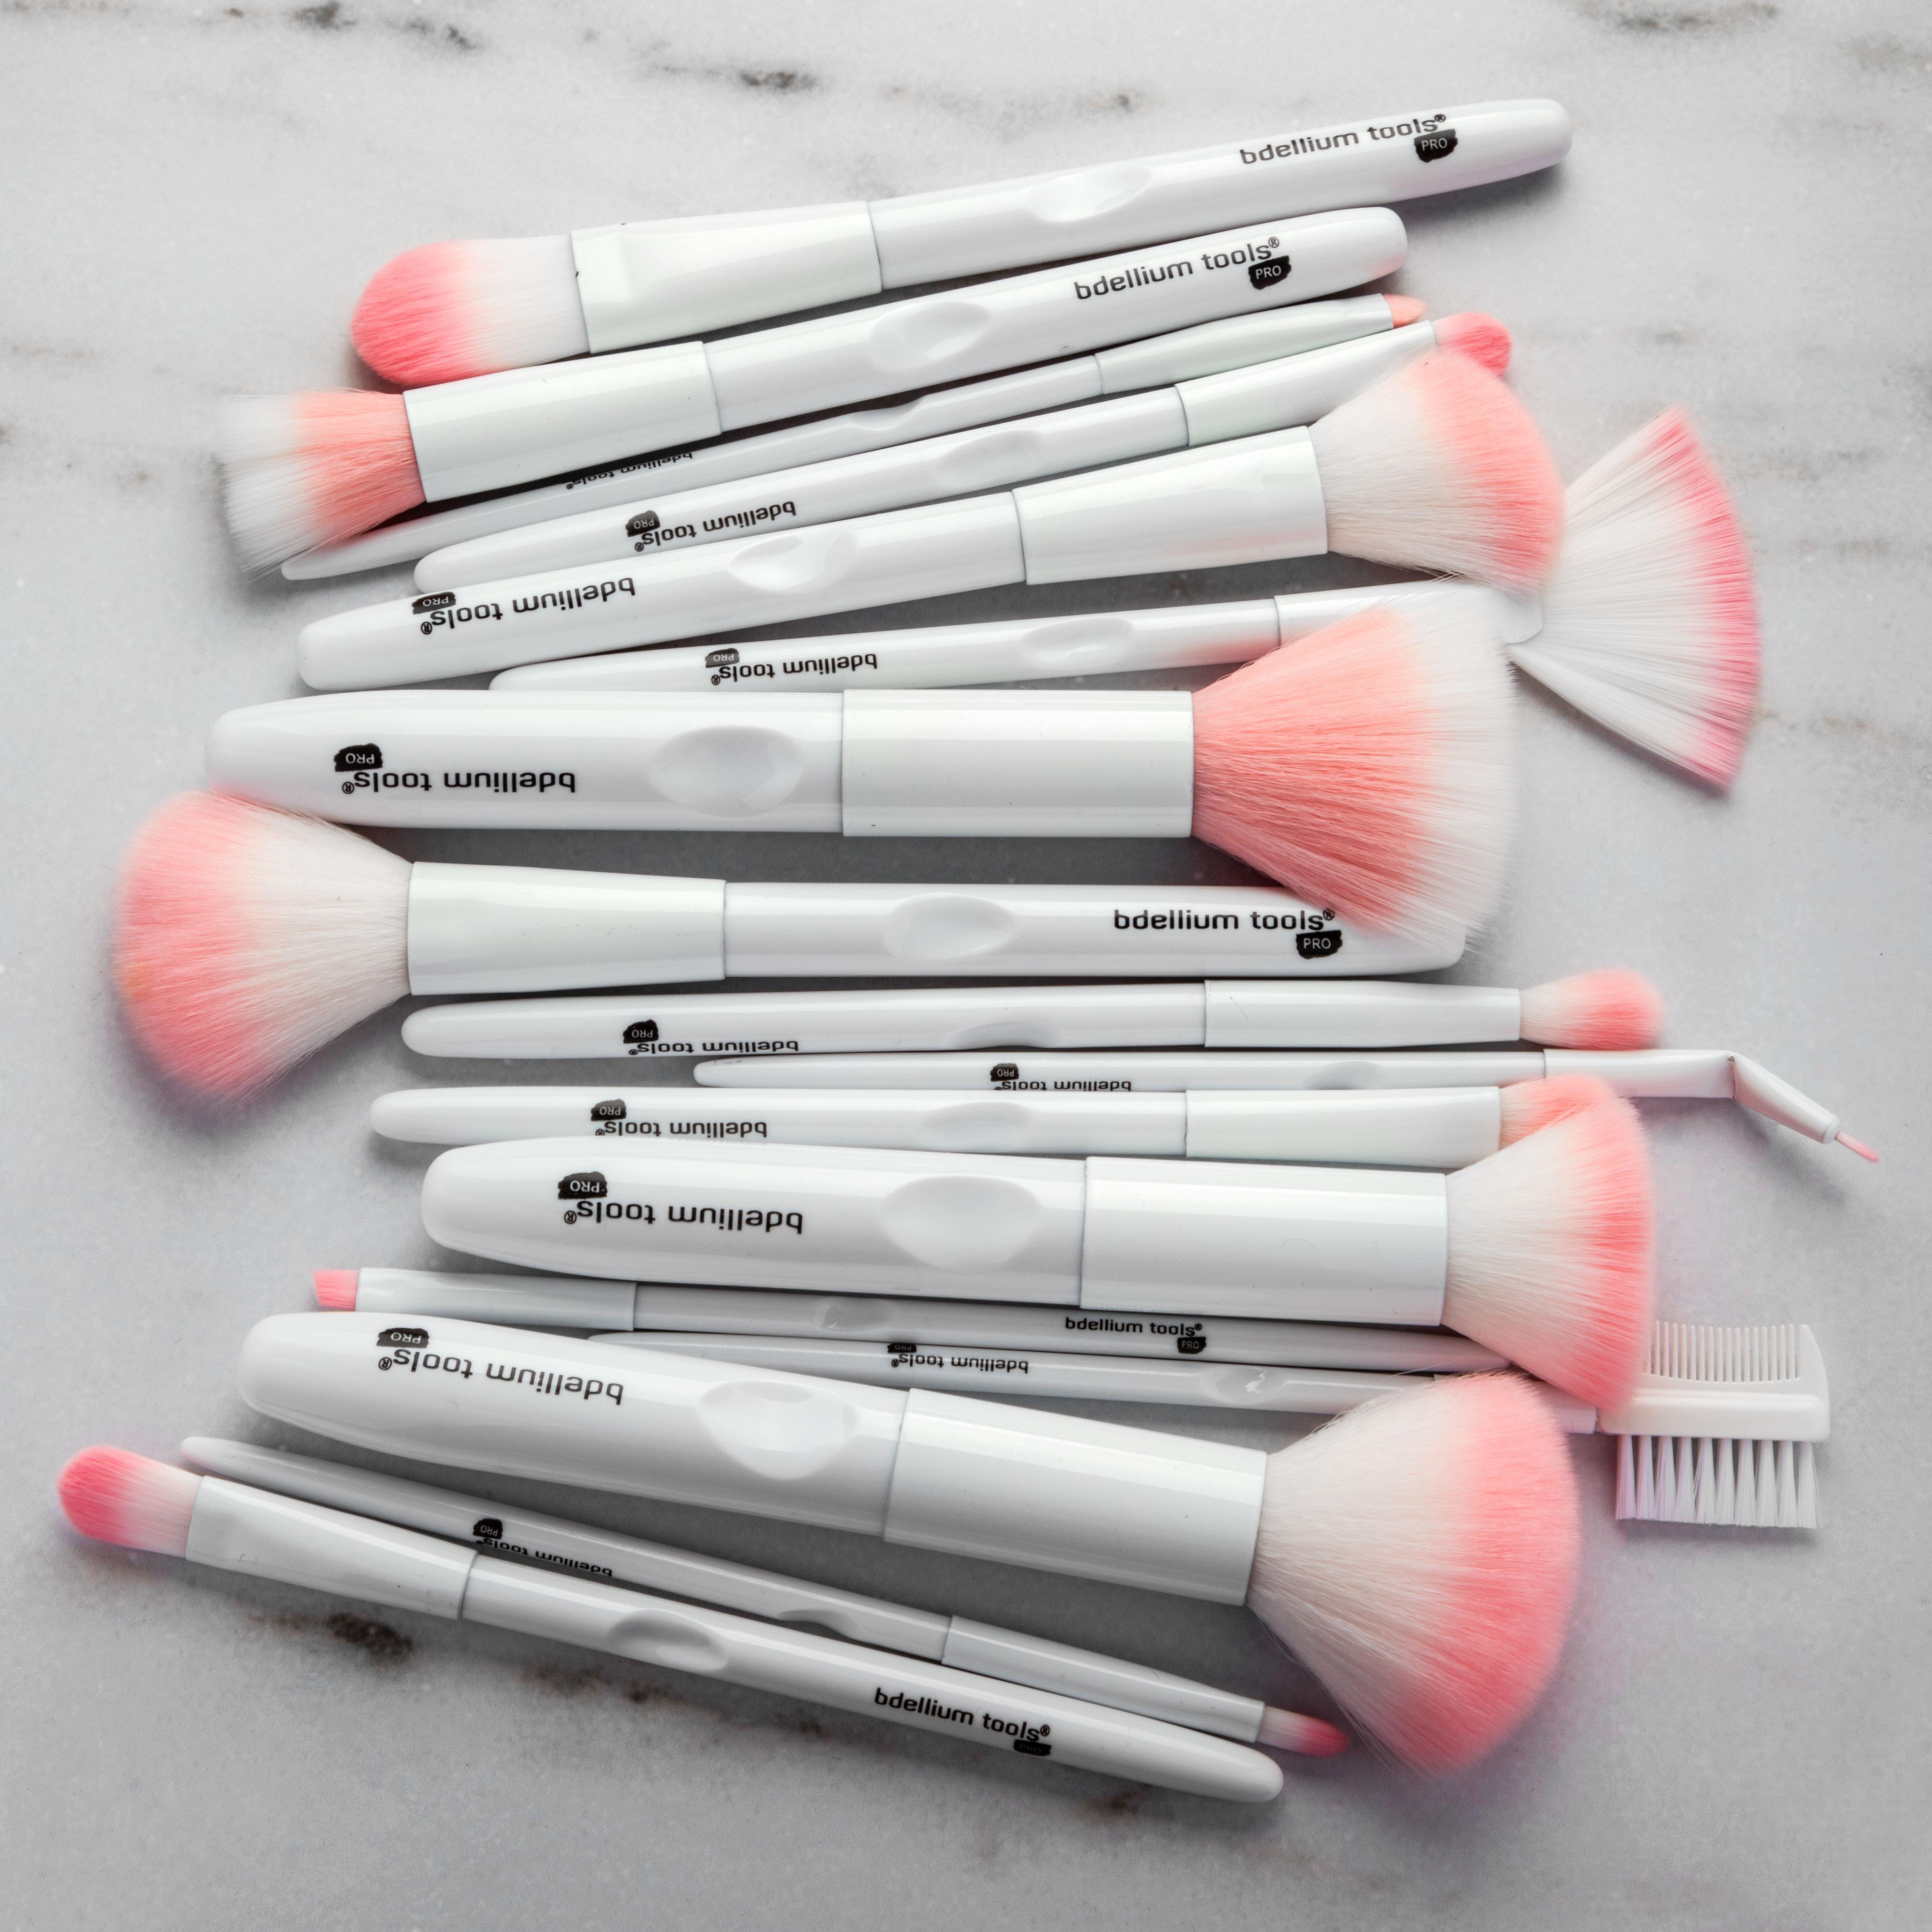 Fırça Seti yukarı 17pcs Beyaz Makyaj Fırçalar Seti Pudra Fondöten Allık Fırçası Dudak Göz Farı Kaş Eyeliner Fırçası Komple Kozmetik Makyaj